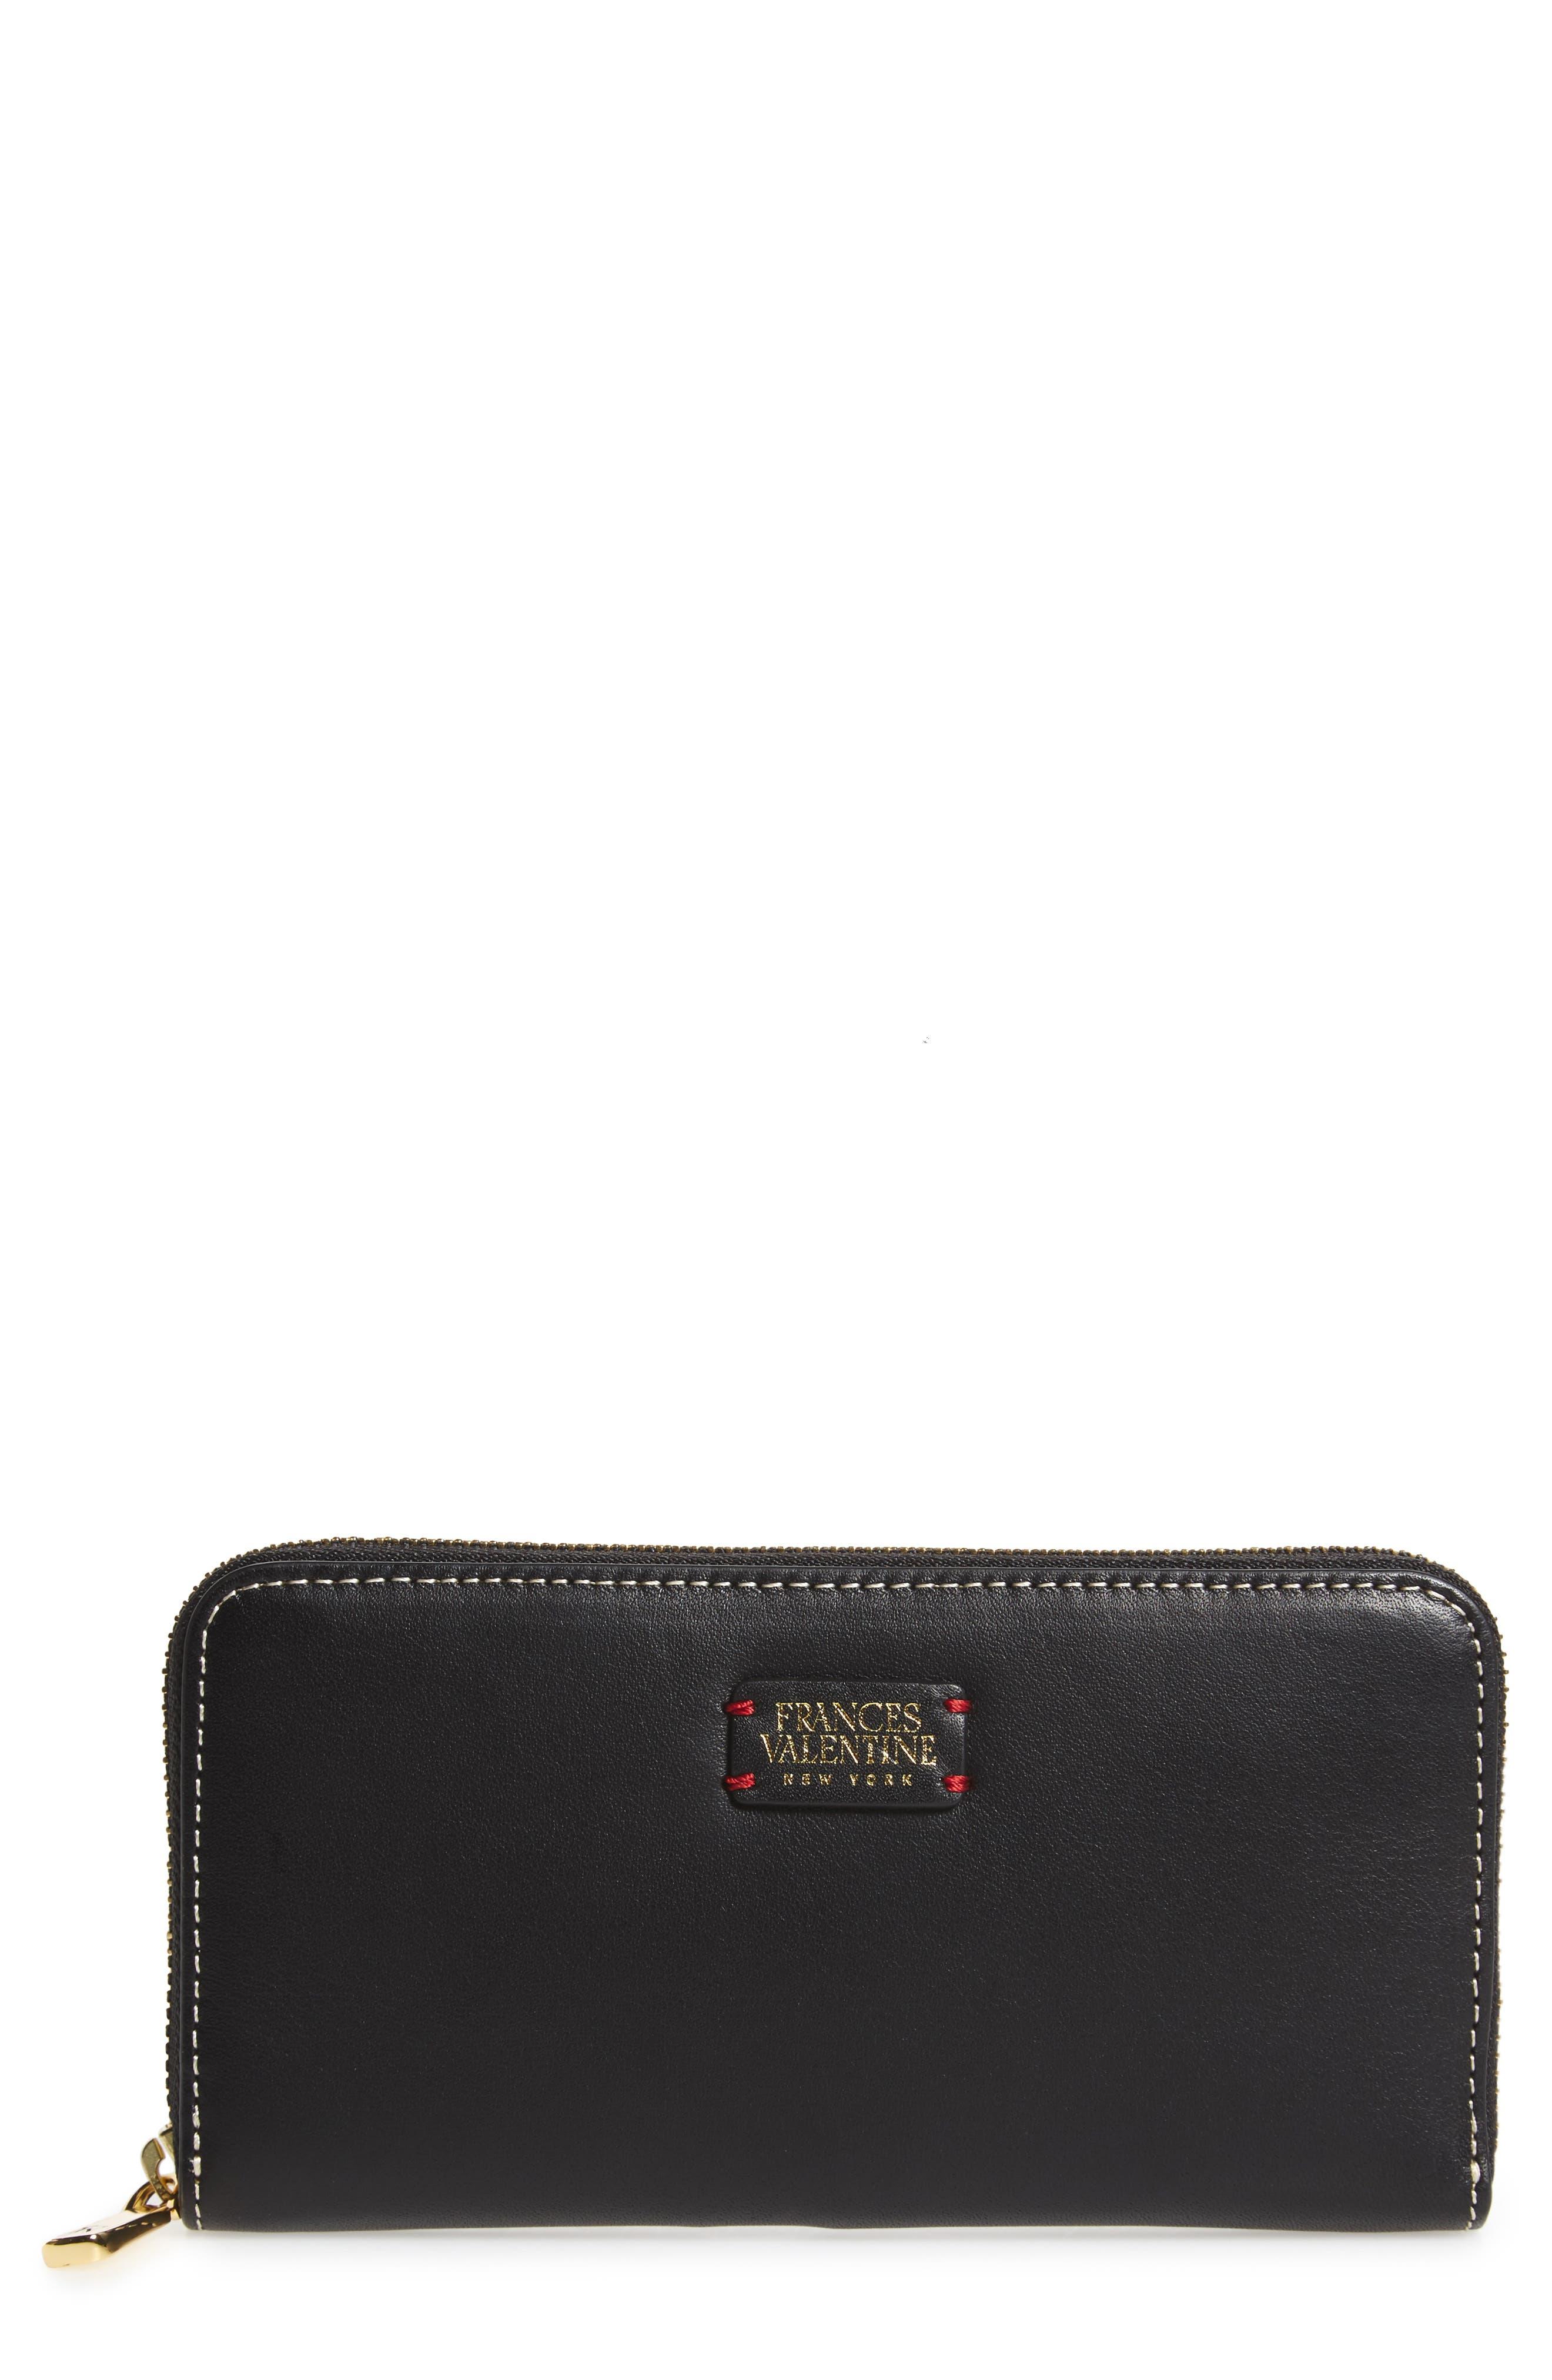 Frances Valentine Kennedy Calfskin Leather Zip Around Wallet